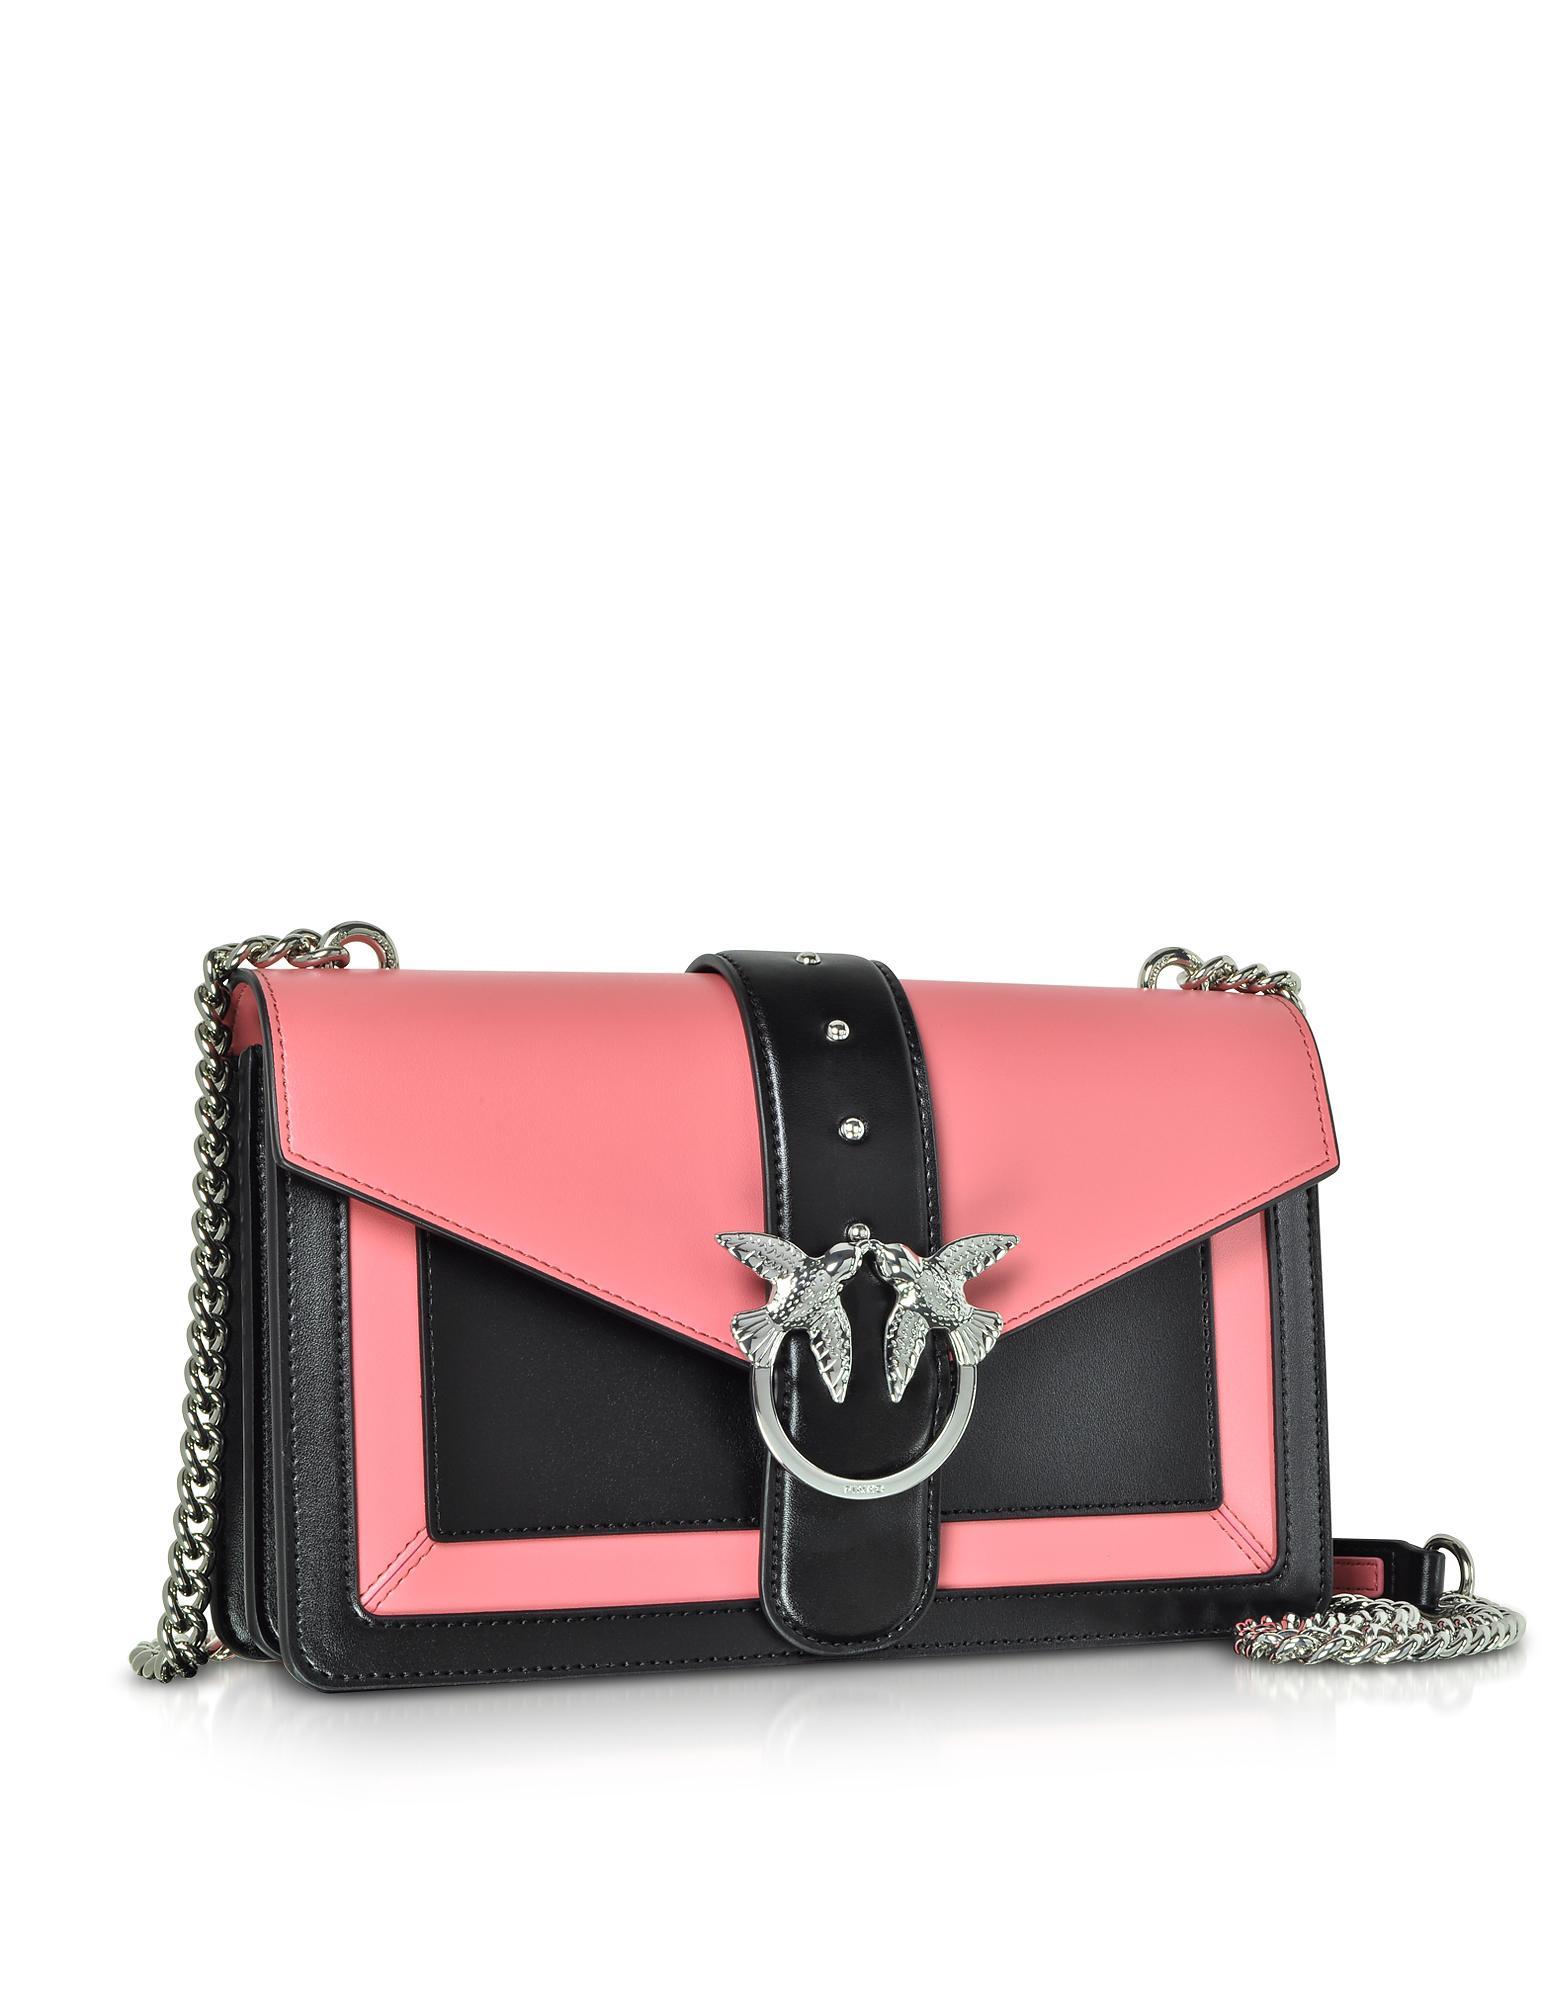 Pinko Color Block Leather New Evolution Shoulder Bag in Black - Lyst 1776fd8819987